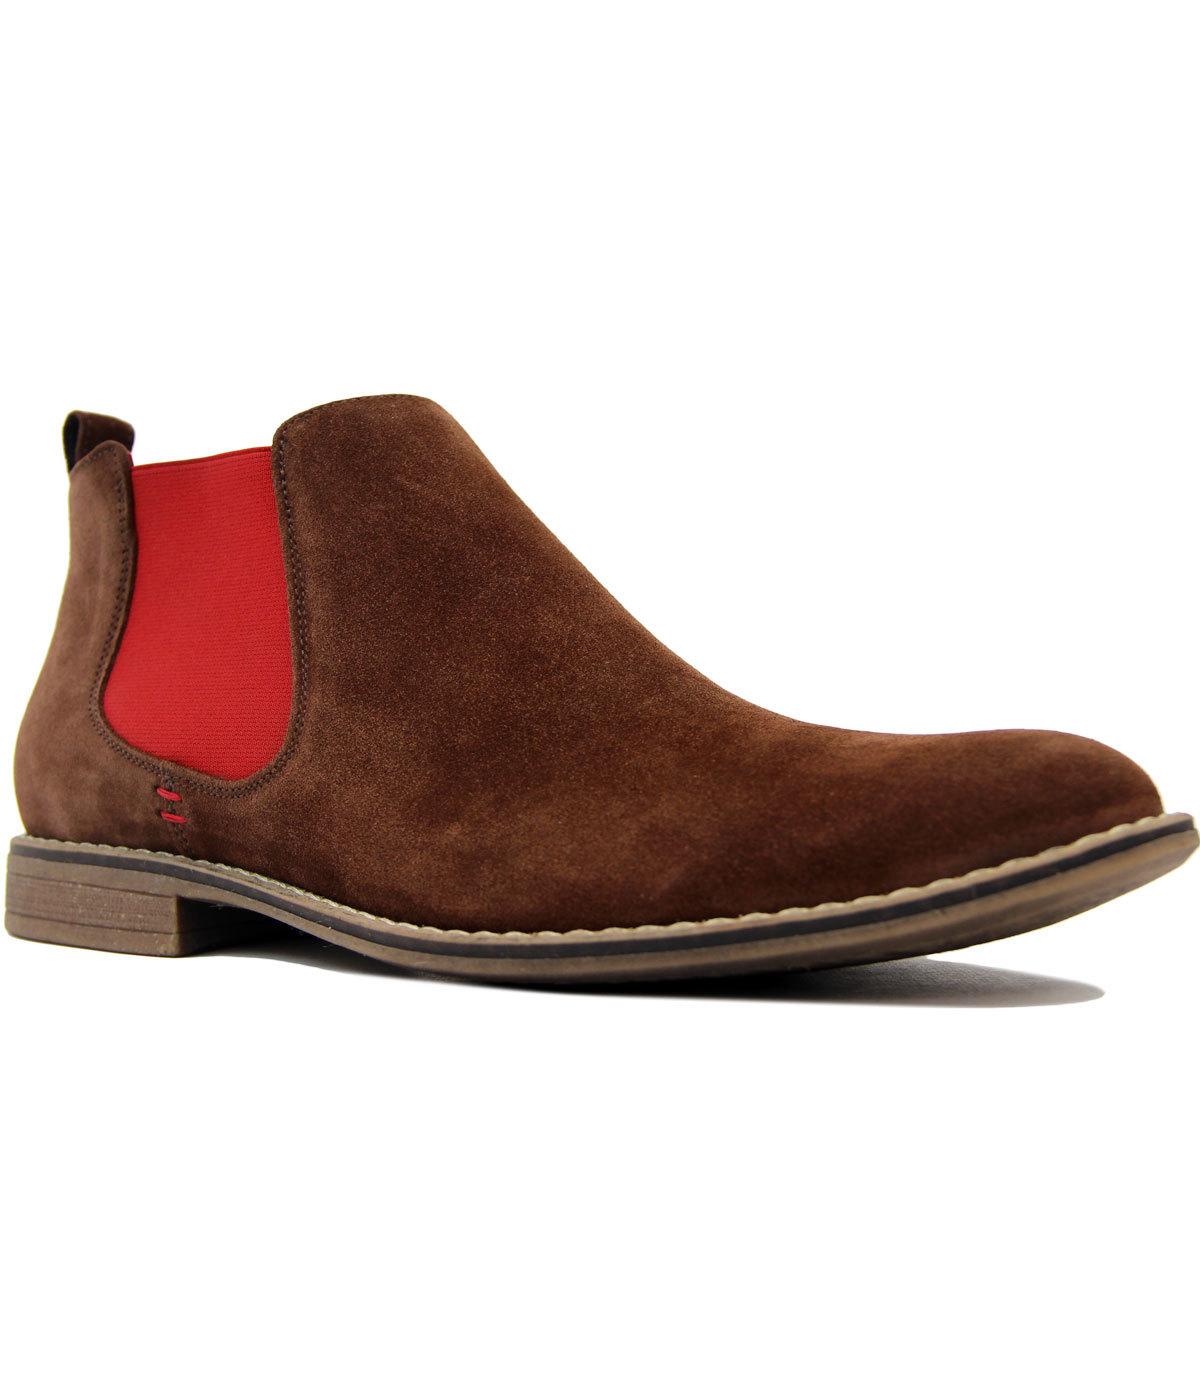 Bonzo LACUZZO Retro 1960s Mod Suede Chelsea Boots